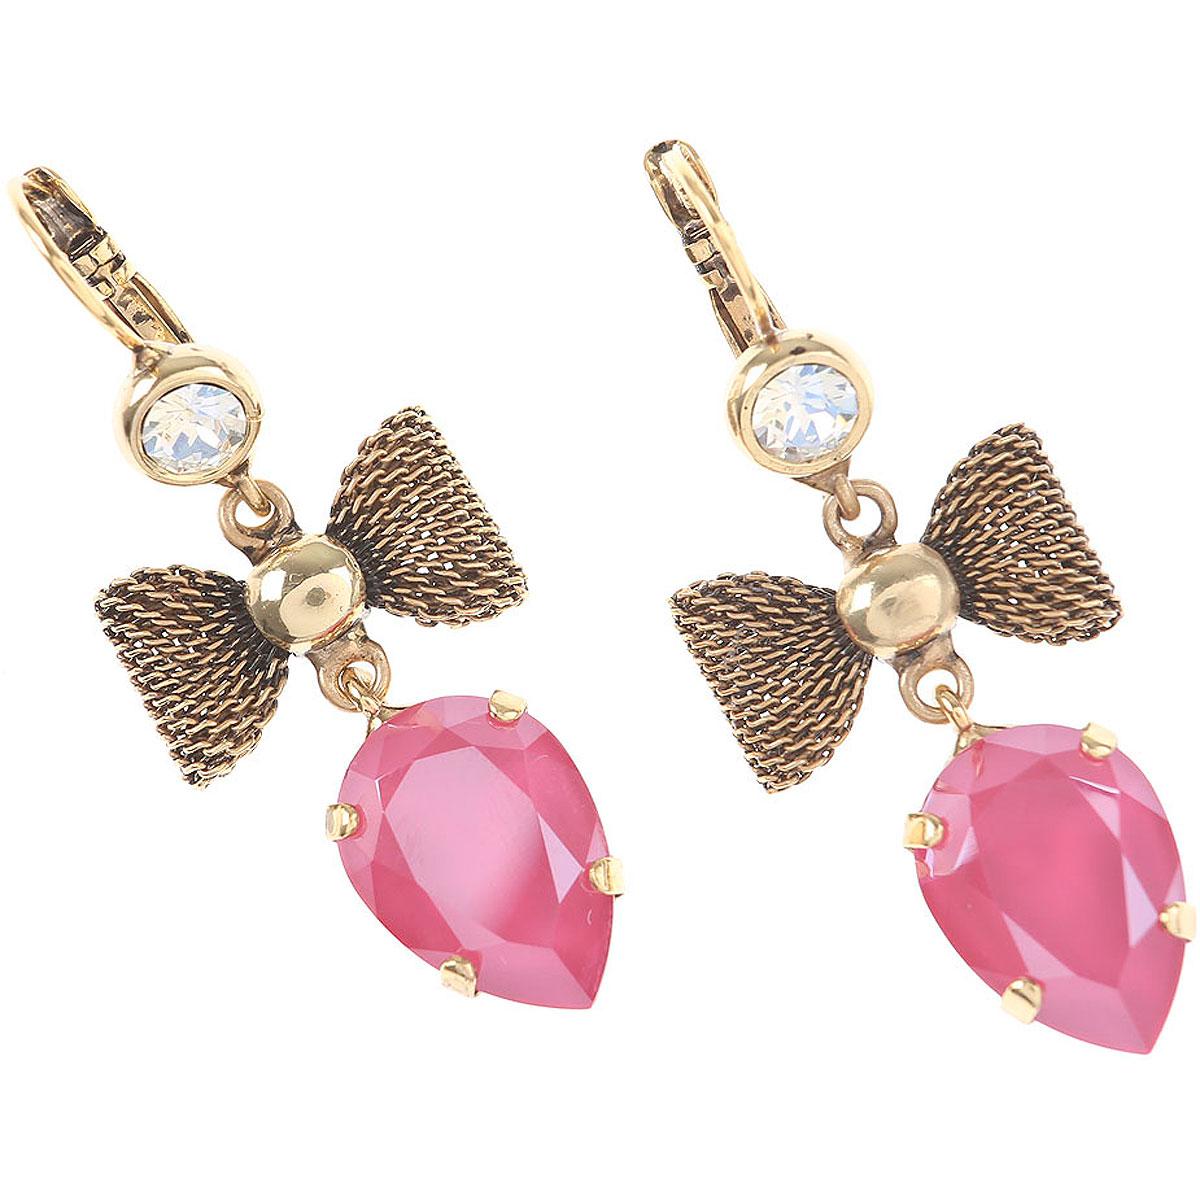 Dueci Bijoux Earrings for Women On Sale, Fuchsia, Brass, 2019